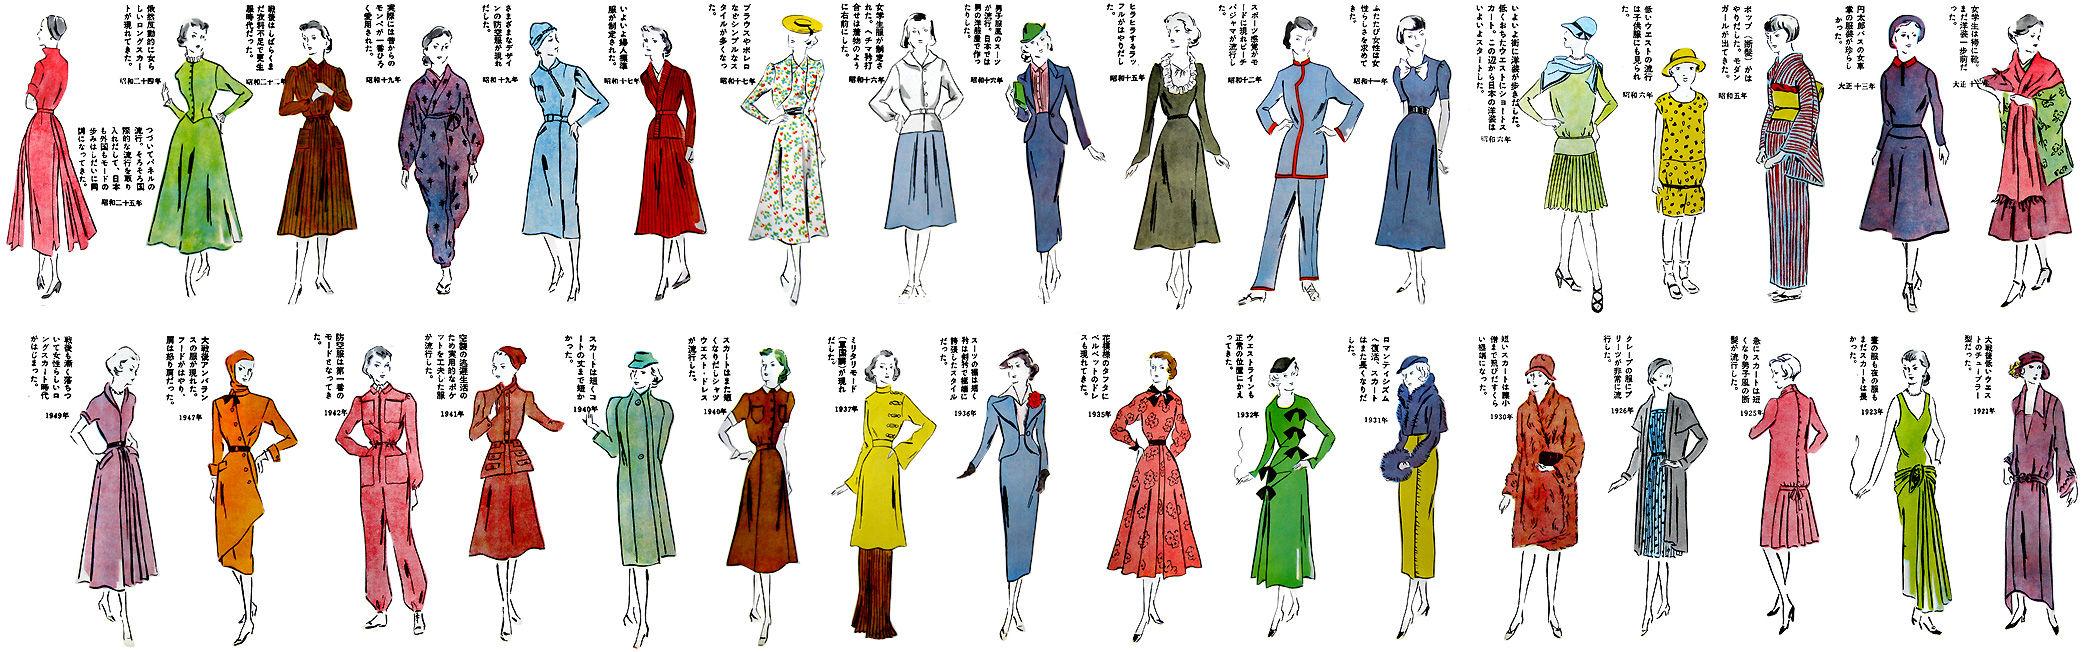 イラストはデザイン画の方なのでしょうか?イラストに添えられたコメントも同じ方です(なので、昭和初期のスカート丈など若干記事本文との食い違いがあって、そこが